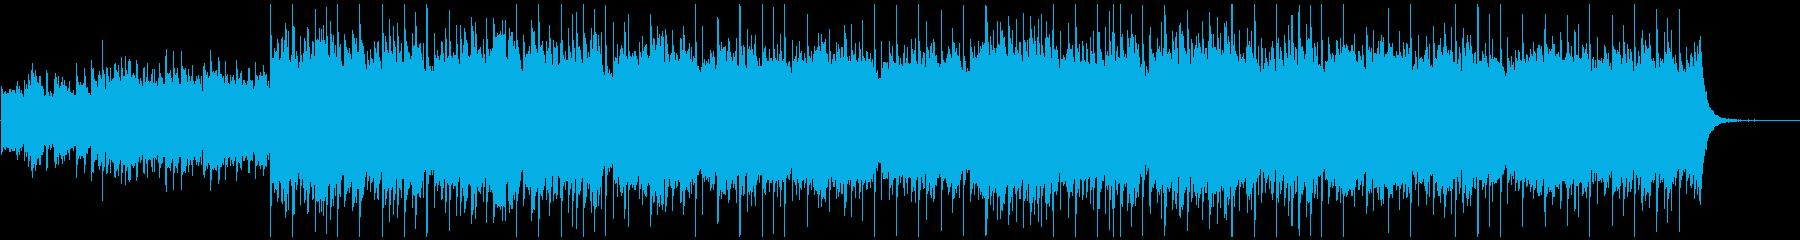 切ないギター・ストリングス曲の再生済みの波形